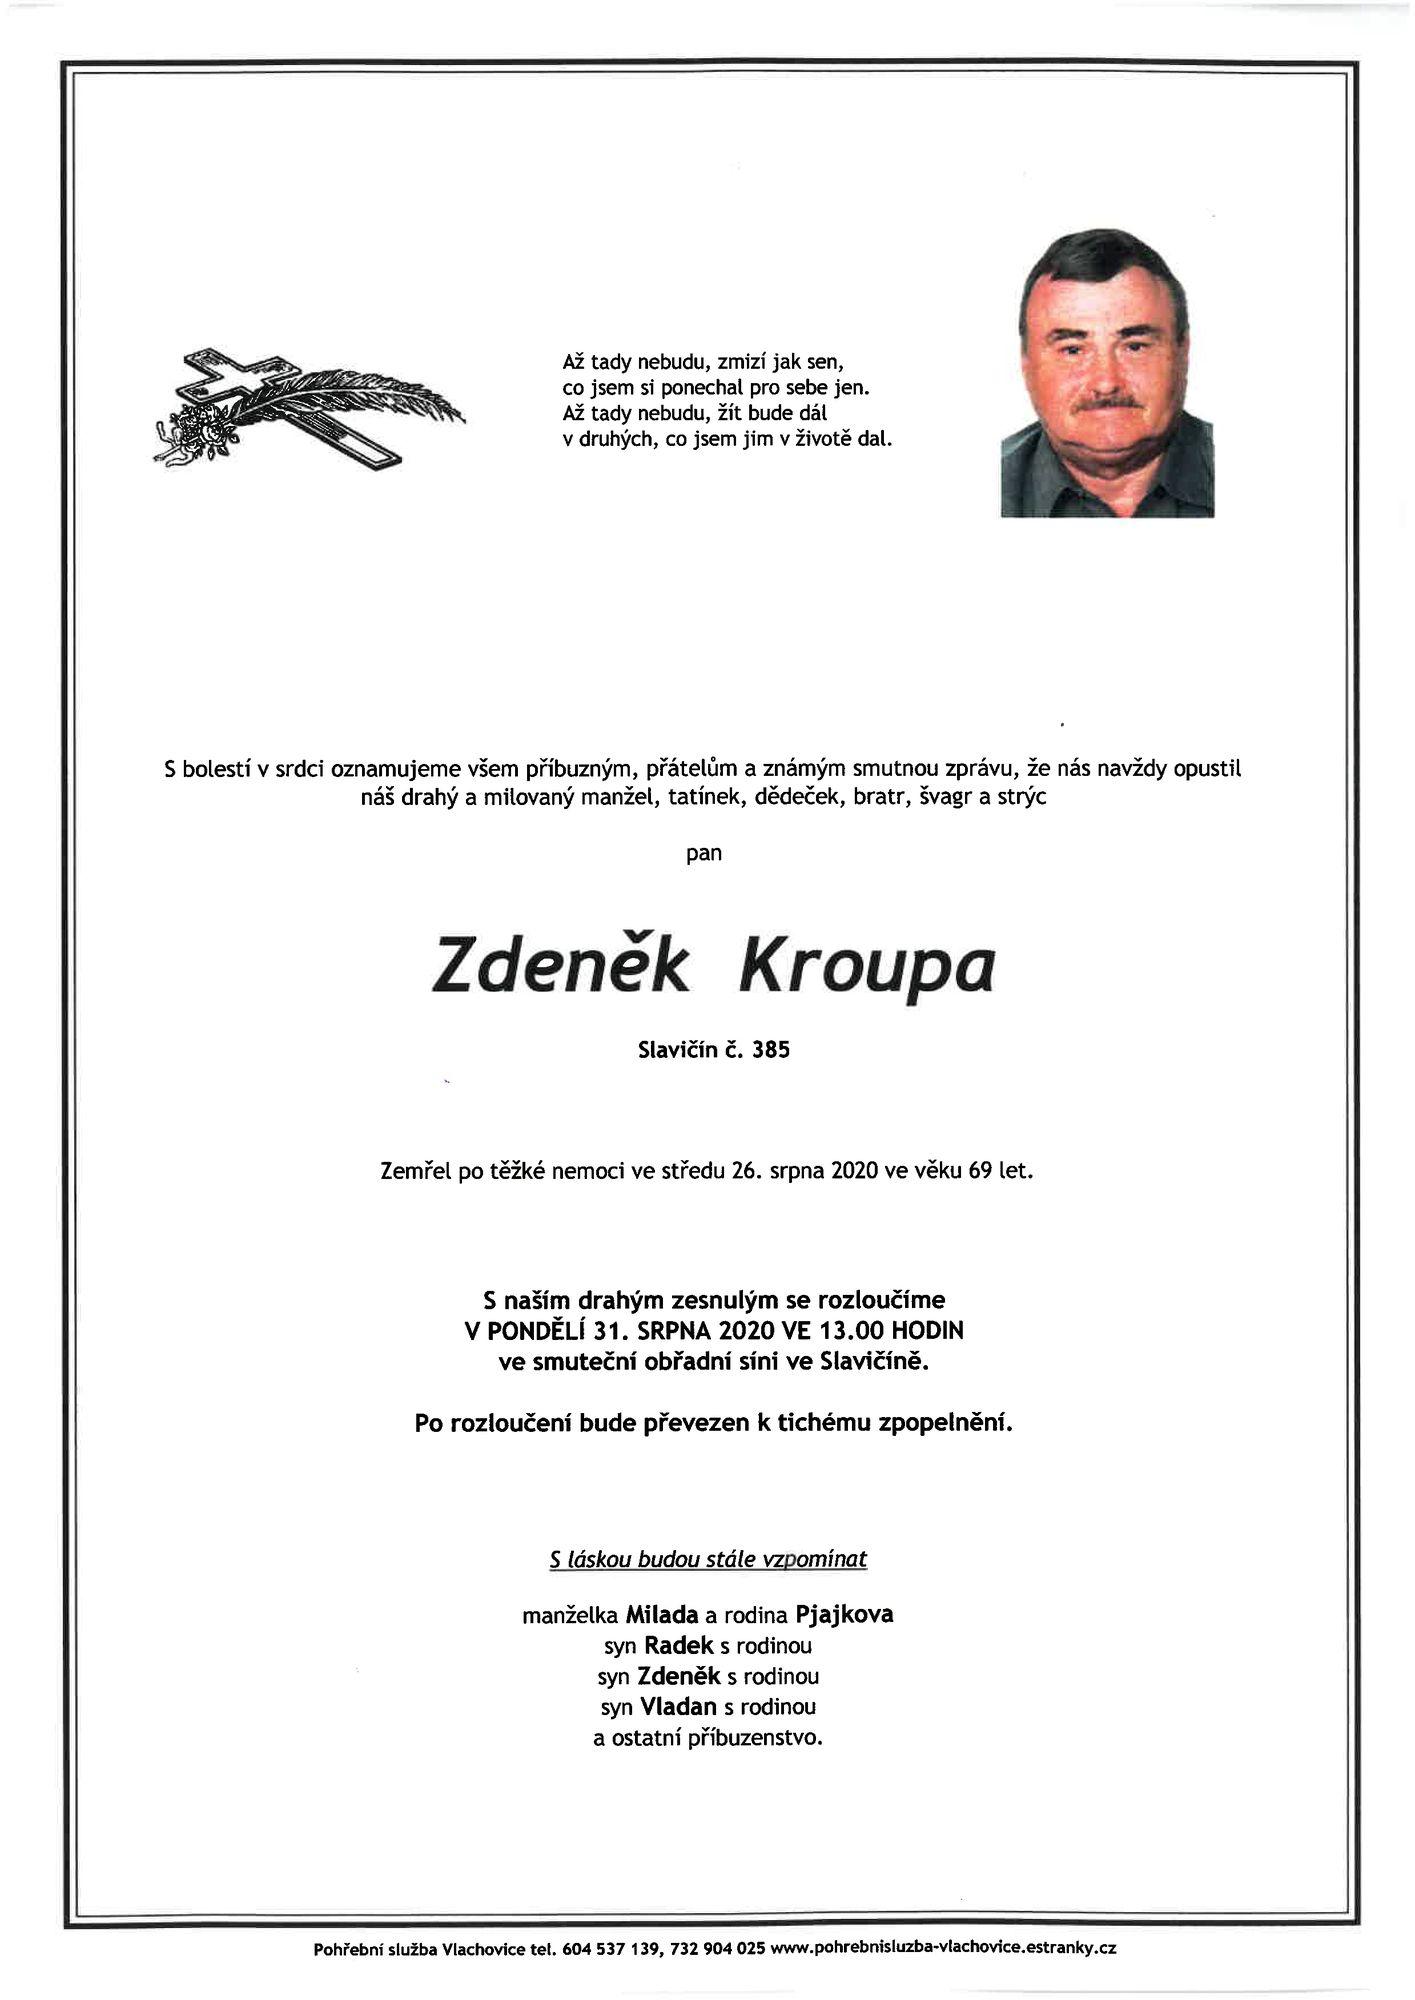 Zdeněk Kroupa